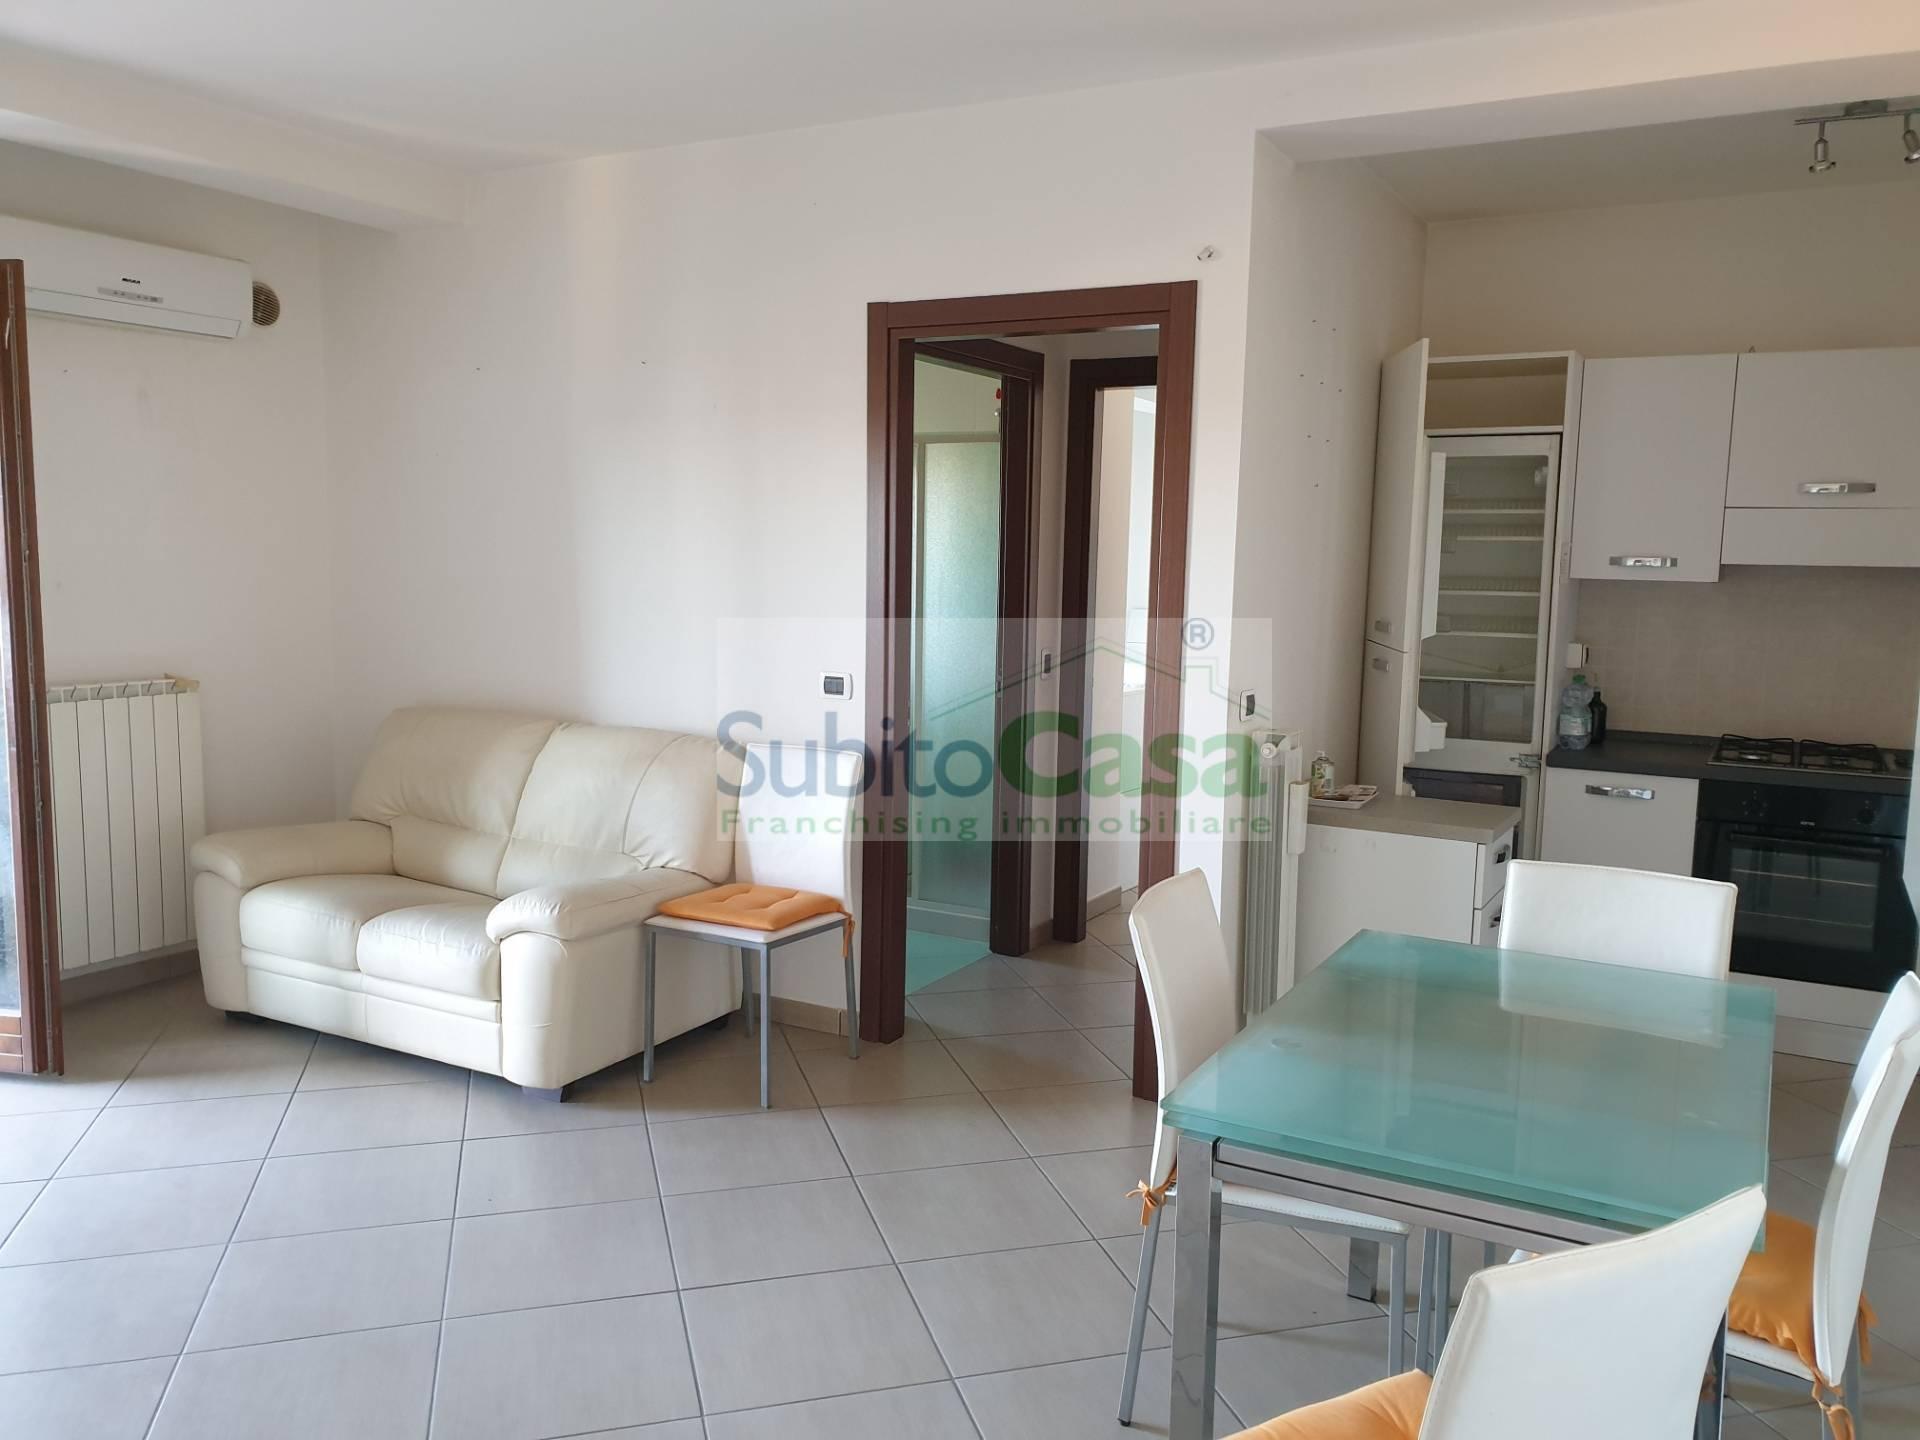 Appartamento in vendita a San Giovanni Teatino, 3 locali, zona Località: SambucetoCentro, prezzo € 95.000   PortaleAgenzieImmobiliari.it